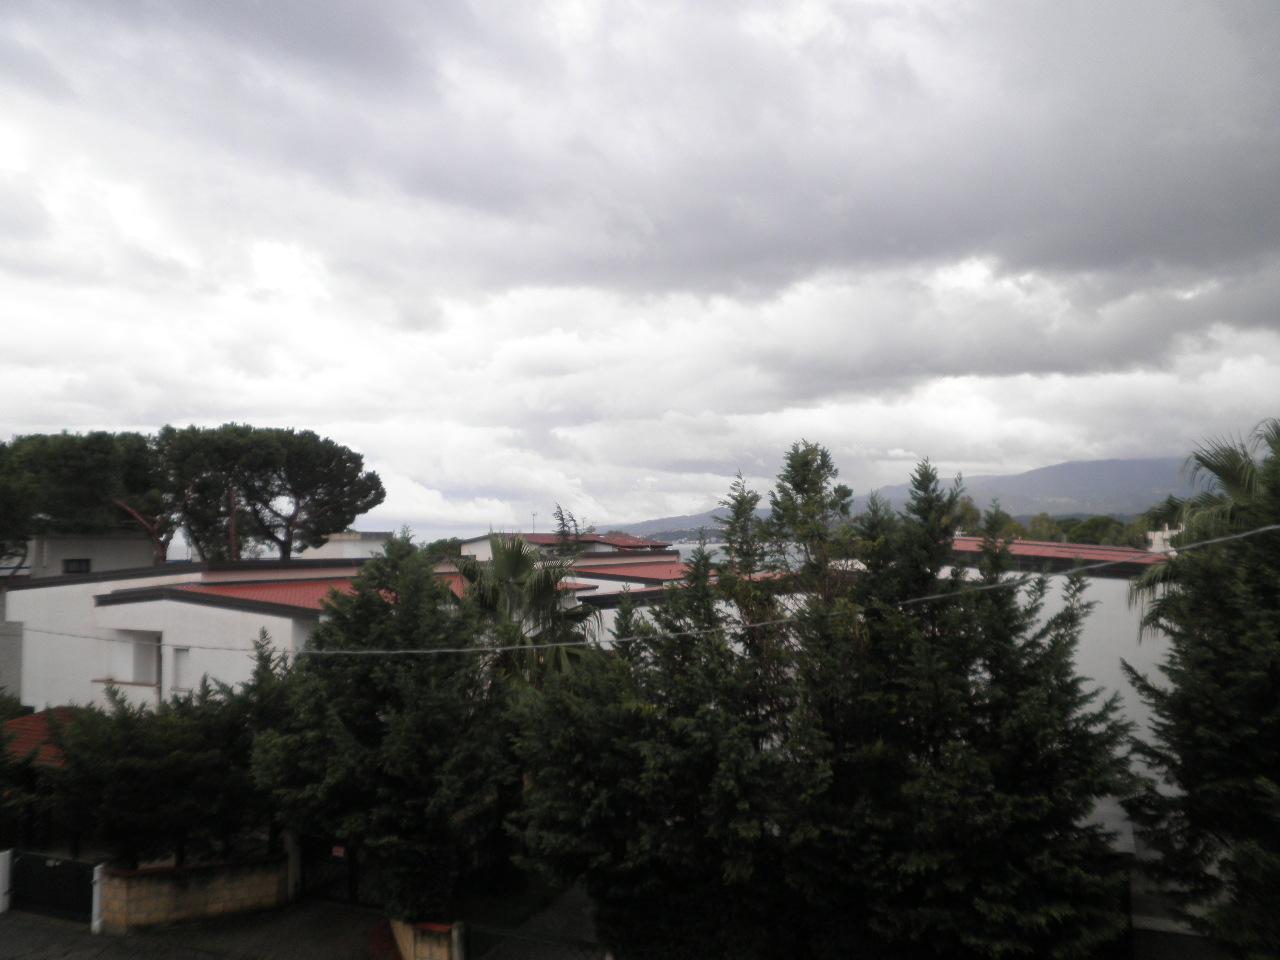 Appartamento in vendita a Montauro, 3 locali, zona Località: LocalitàCalalunga, prezzo € 100.000 | Cambio Casa.it